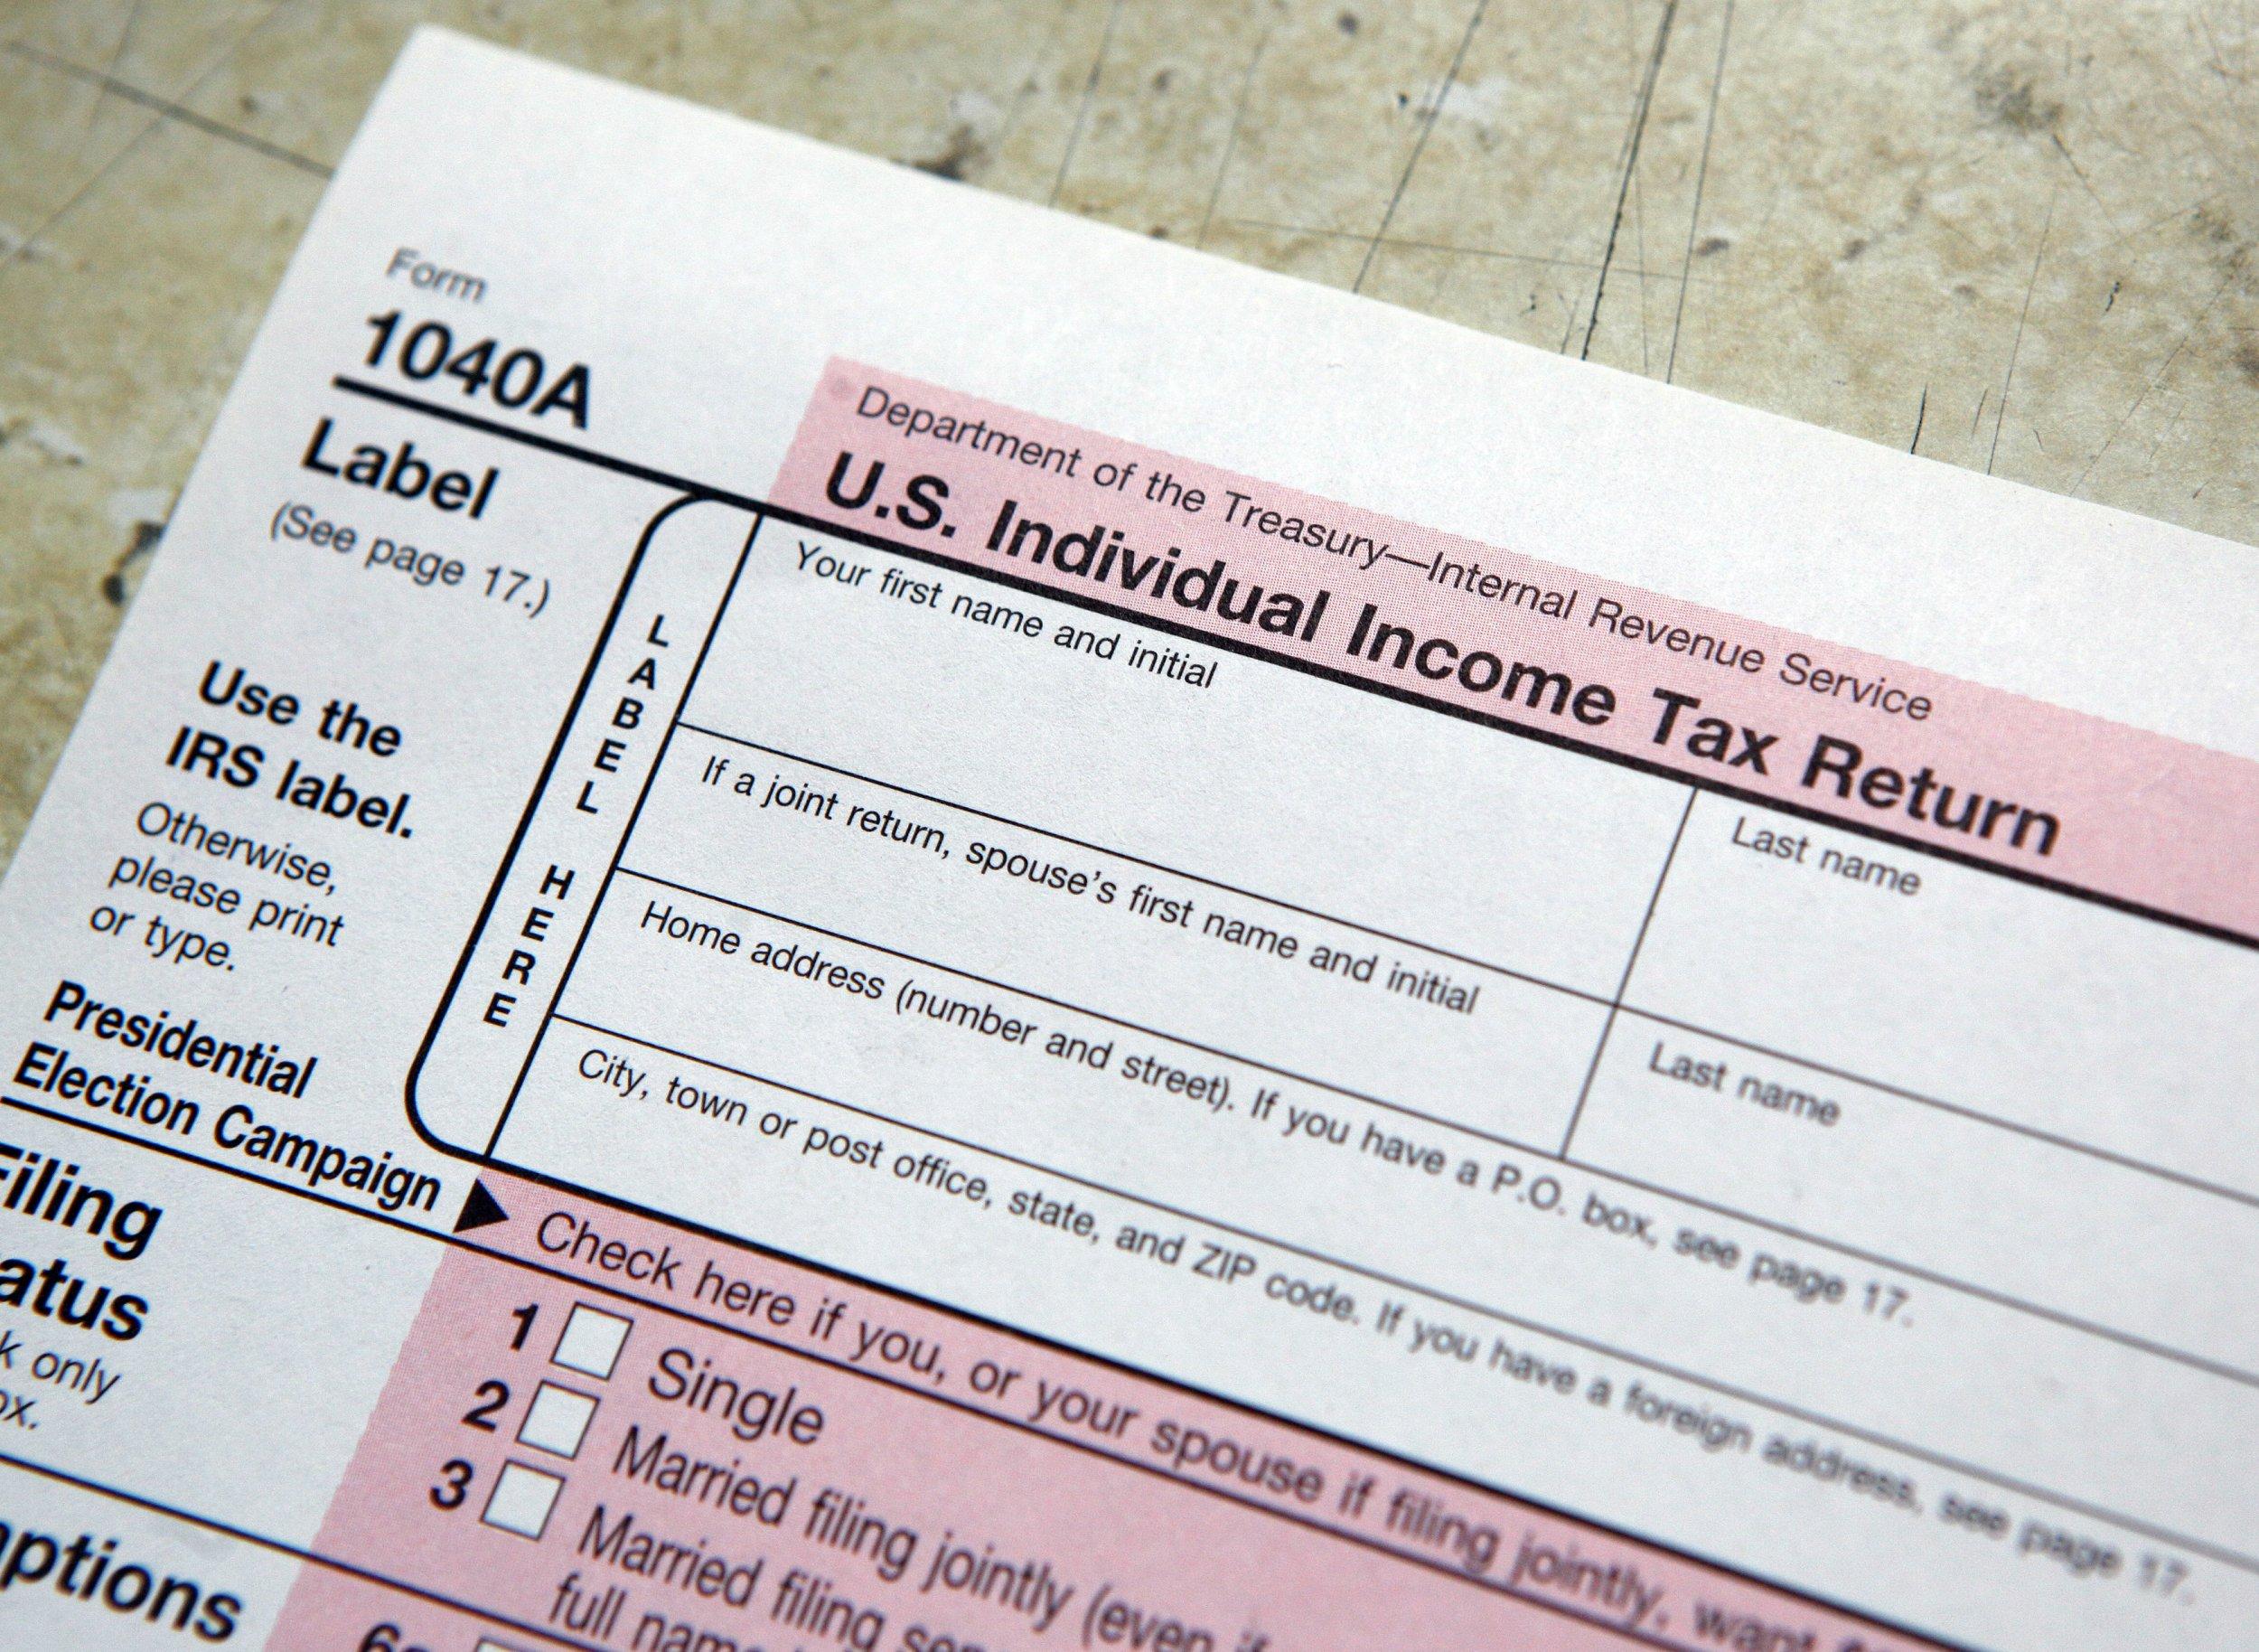 04_15_Tax_Form_01